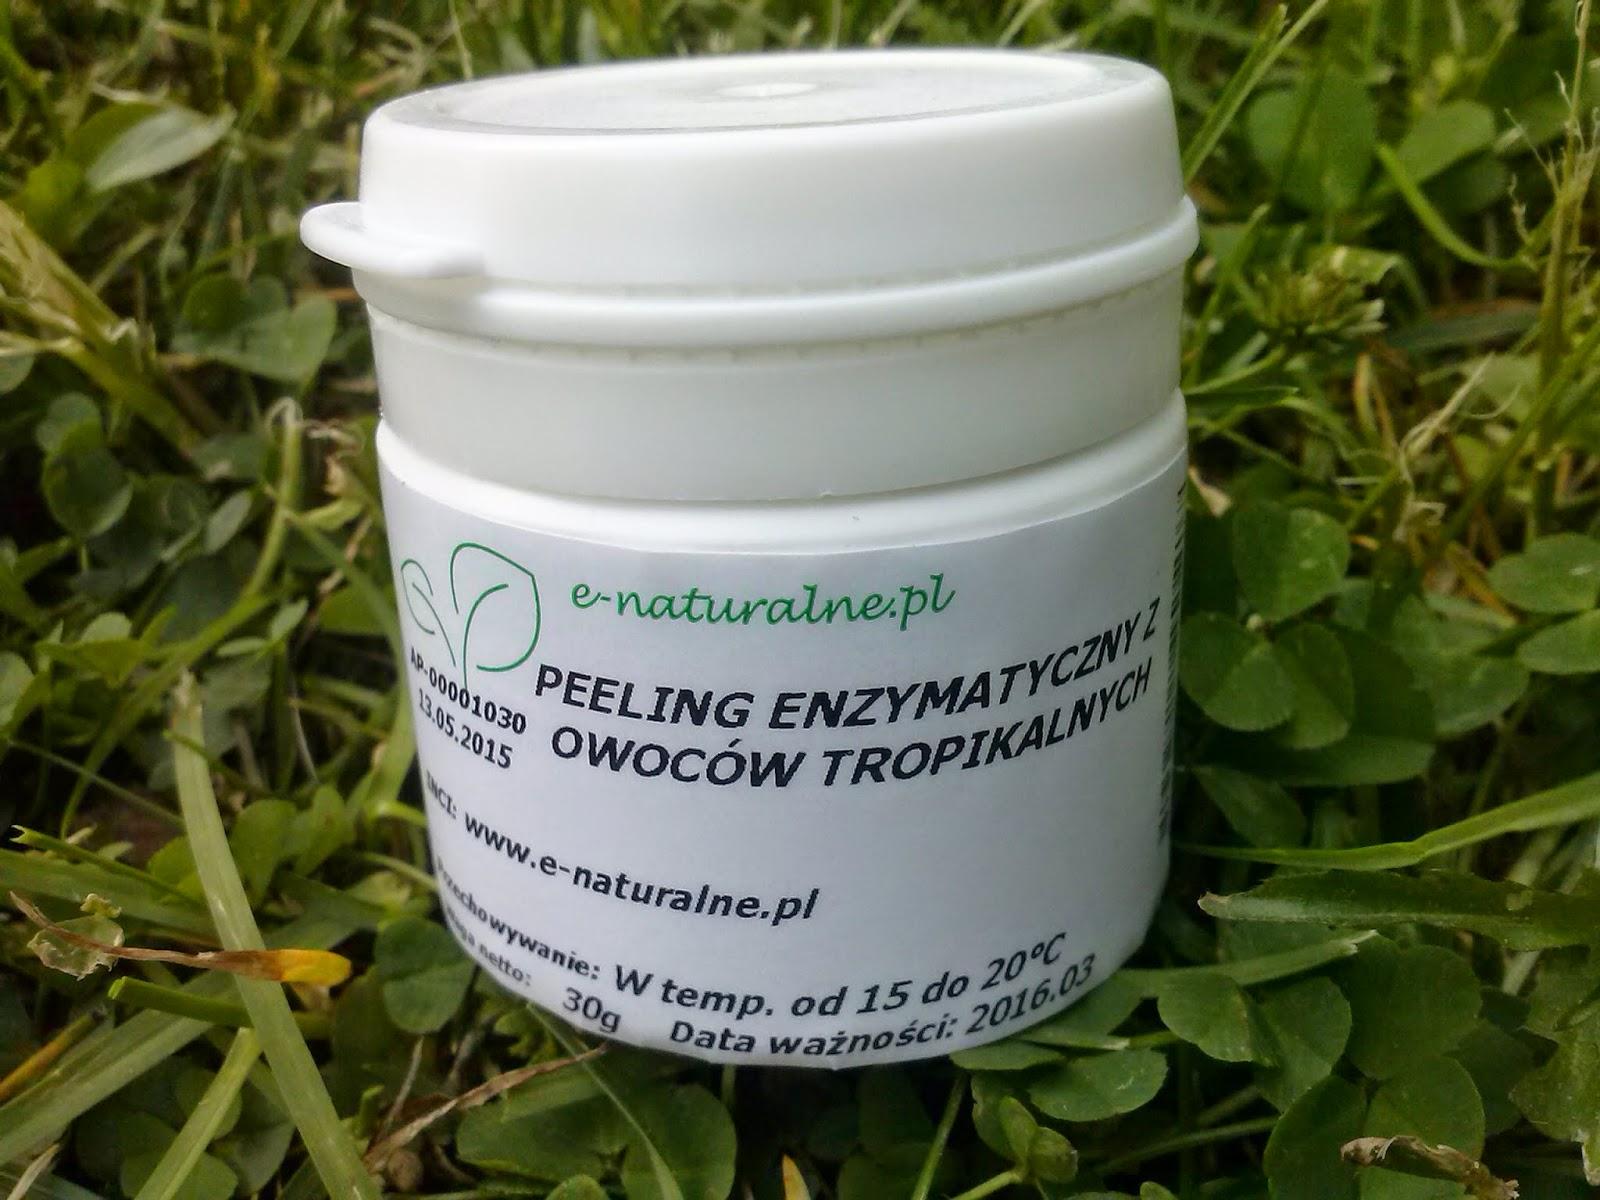 e-naturalne.pl: Peeling enzymatyczny i maska algowa z kakao